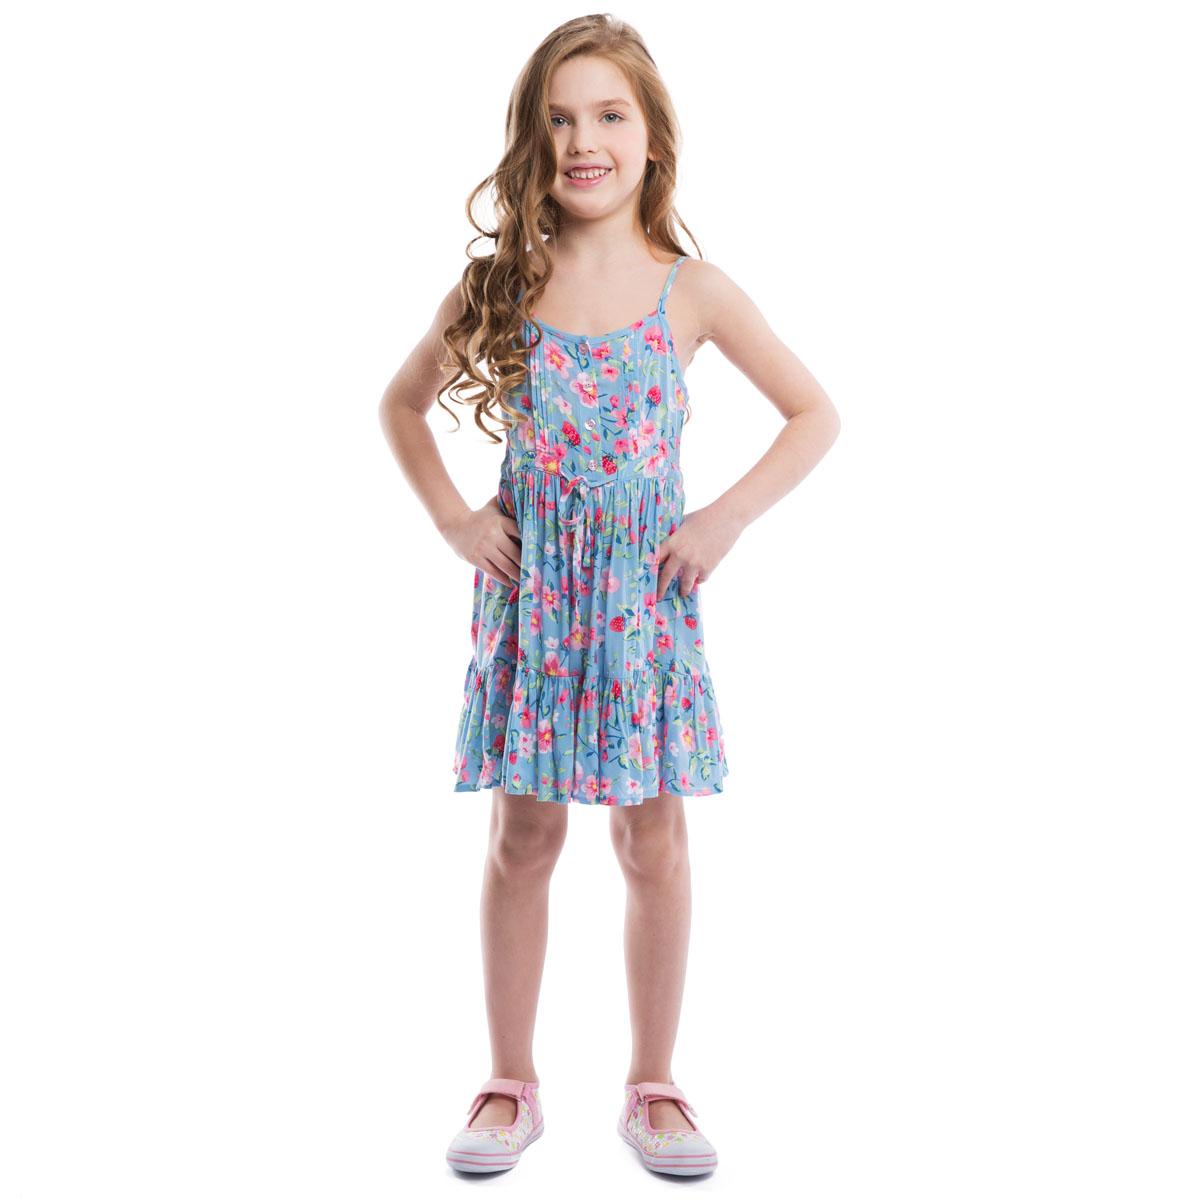 Сарафан262004Воздушный сарафан для девочки PlayToday идеально подойдет вашей маленькой моднице. Изготовленный из вискозы, он мягкий и приятный на ощупь, не сковывает движения и позволяет коже дышать, не раздражает даже самую нежную и чувствительную кожу ребенка, обеспечивая наибольший комфорт. Сарафан трапециевидного кроя на тонких регулируемых бретелях оформлен нежным цветочным принтом. Модель спереди застегивается на пуговицы до линии талии. На груди имеются изящные пришитые складки. На спинке модель присборена на тонкие эластичные резинки. Спереди сарафан дополнен скрытыми завязками. Пышная юбка с пришитой к подолу широкой оборкой придает изделию воздушность. Оригинальный дизайн и модная расцветка делают этот сарафан незаменимым предметом детского гардероба. В нем ваша маленькая леди всегда будет в центре внимания!